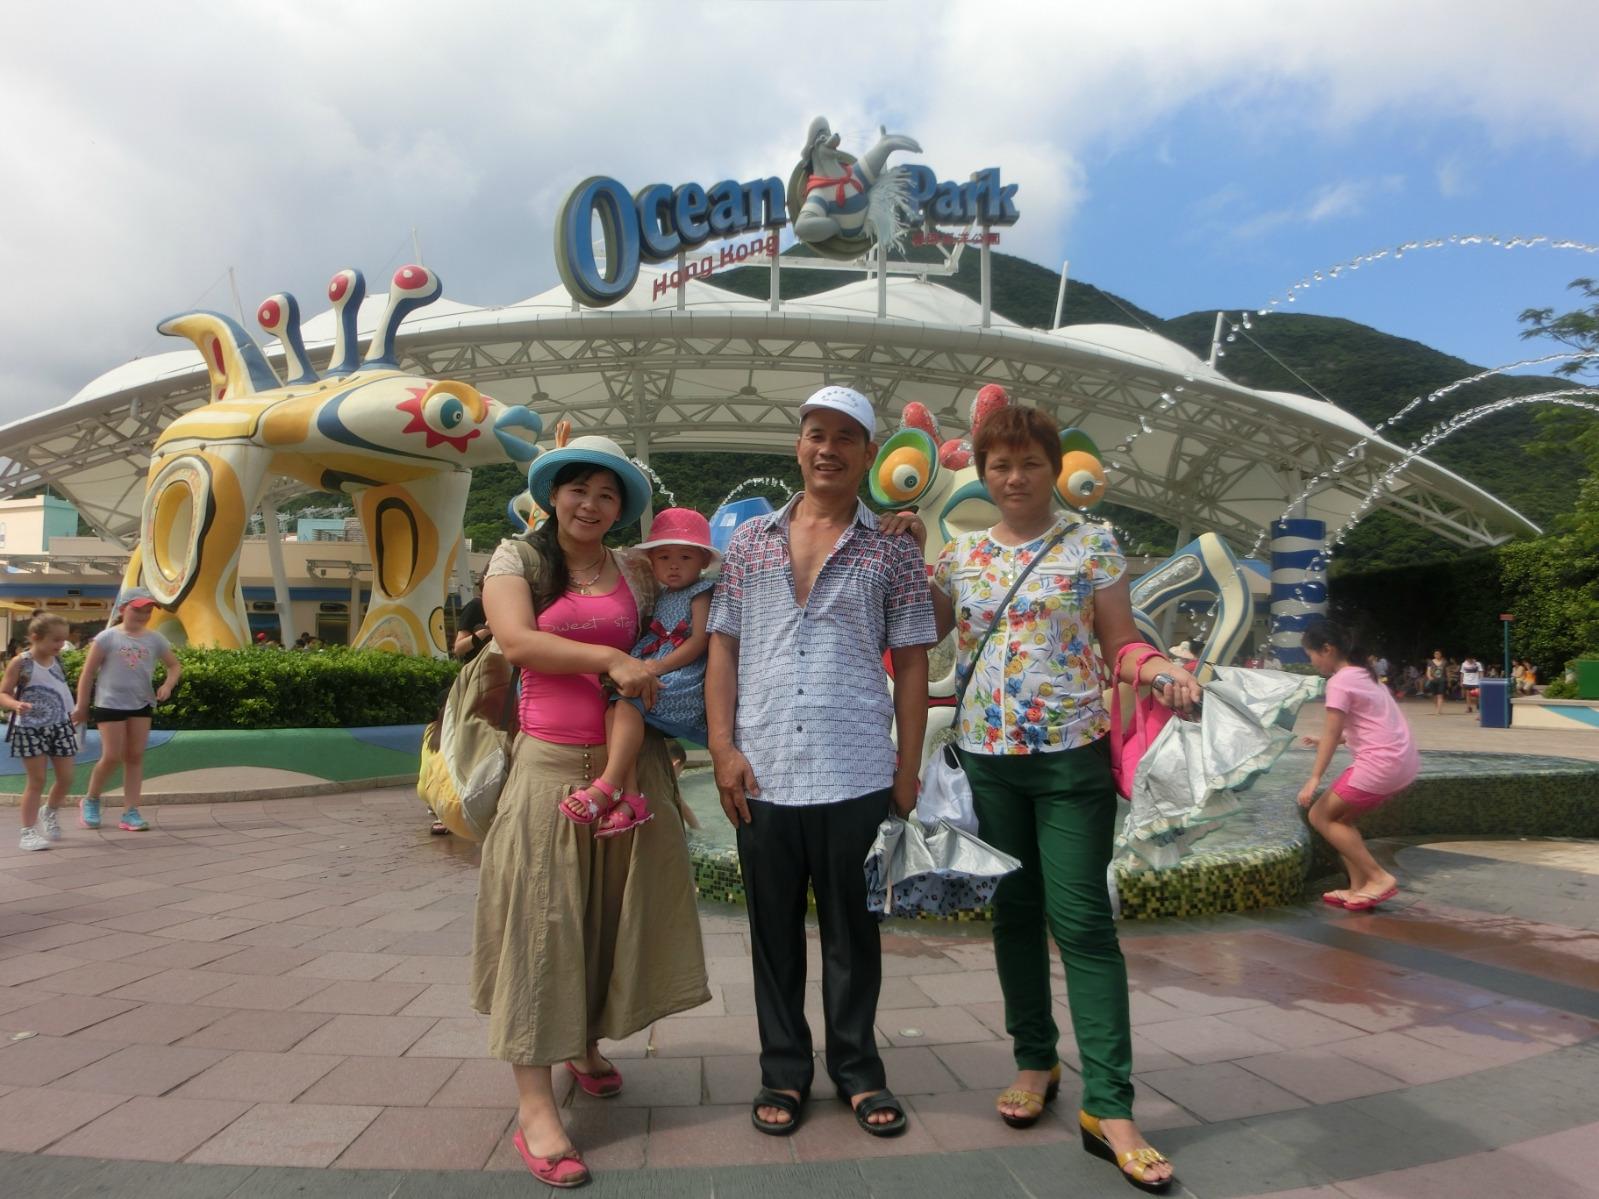 带着传奇、父母去v传奇_香港旅游攻略攻略宝宝英雄试炼刀塔图片